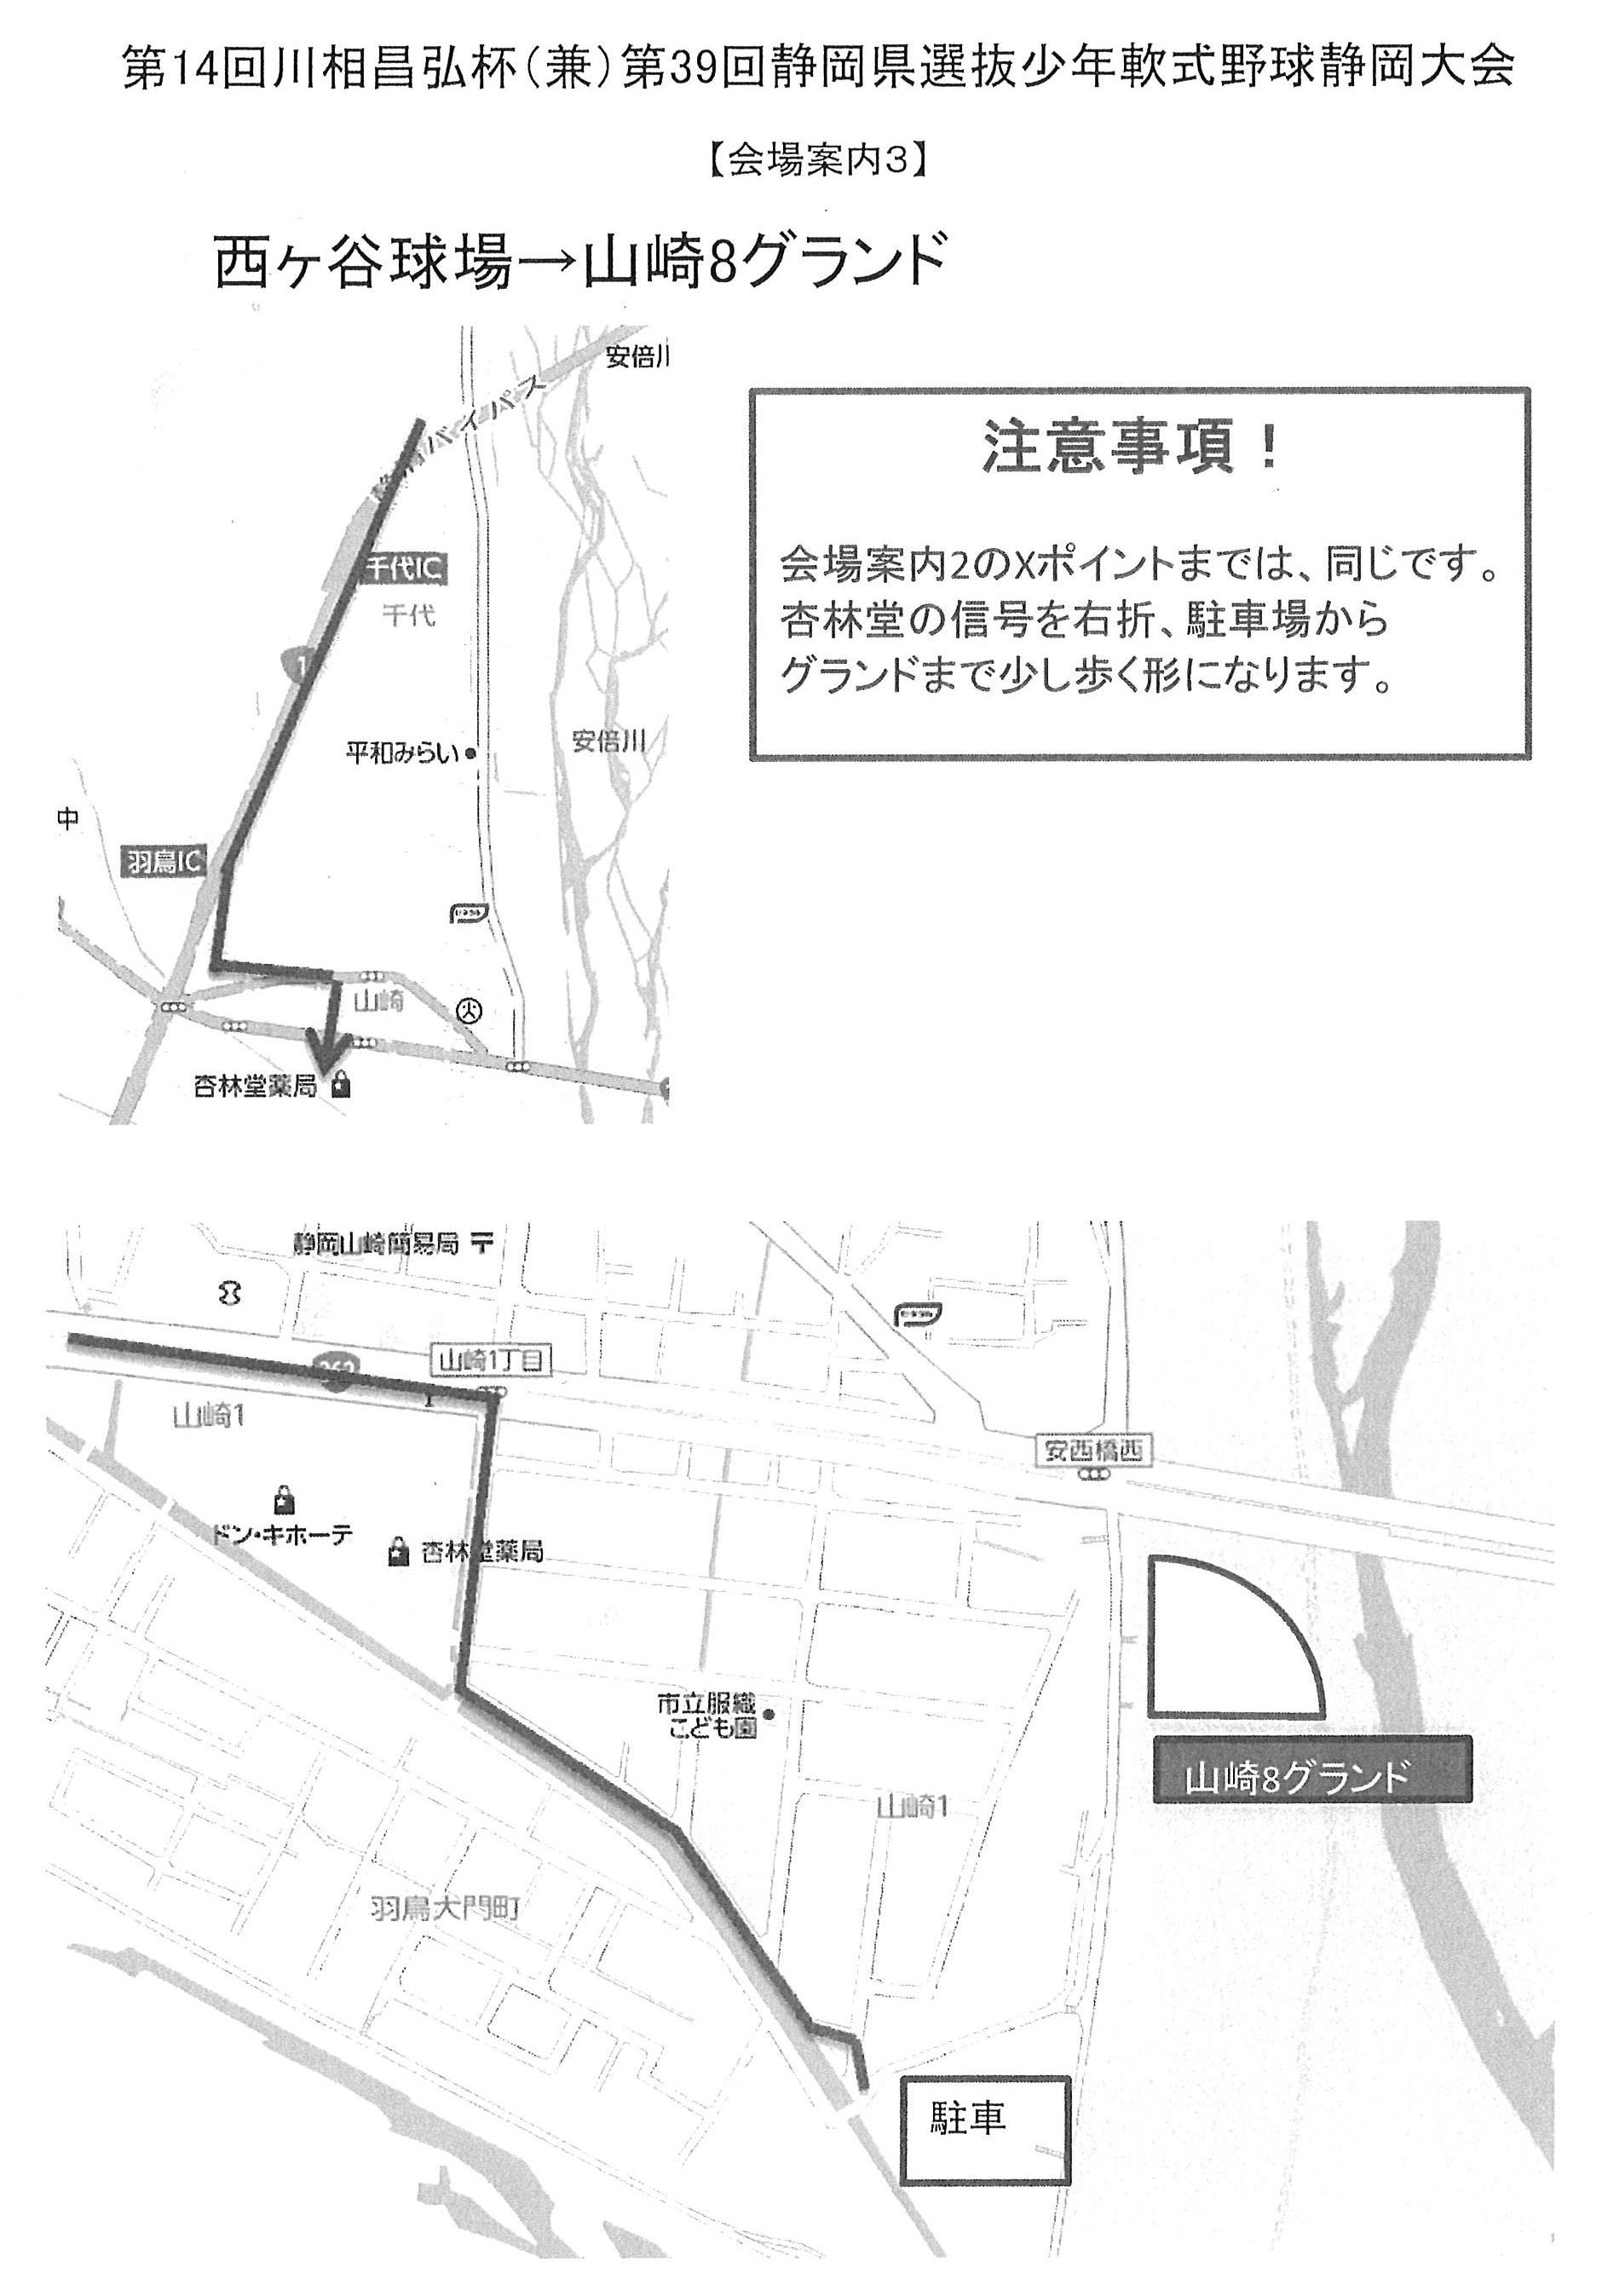 西ヶ谷野球場→山崎8グランド